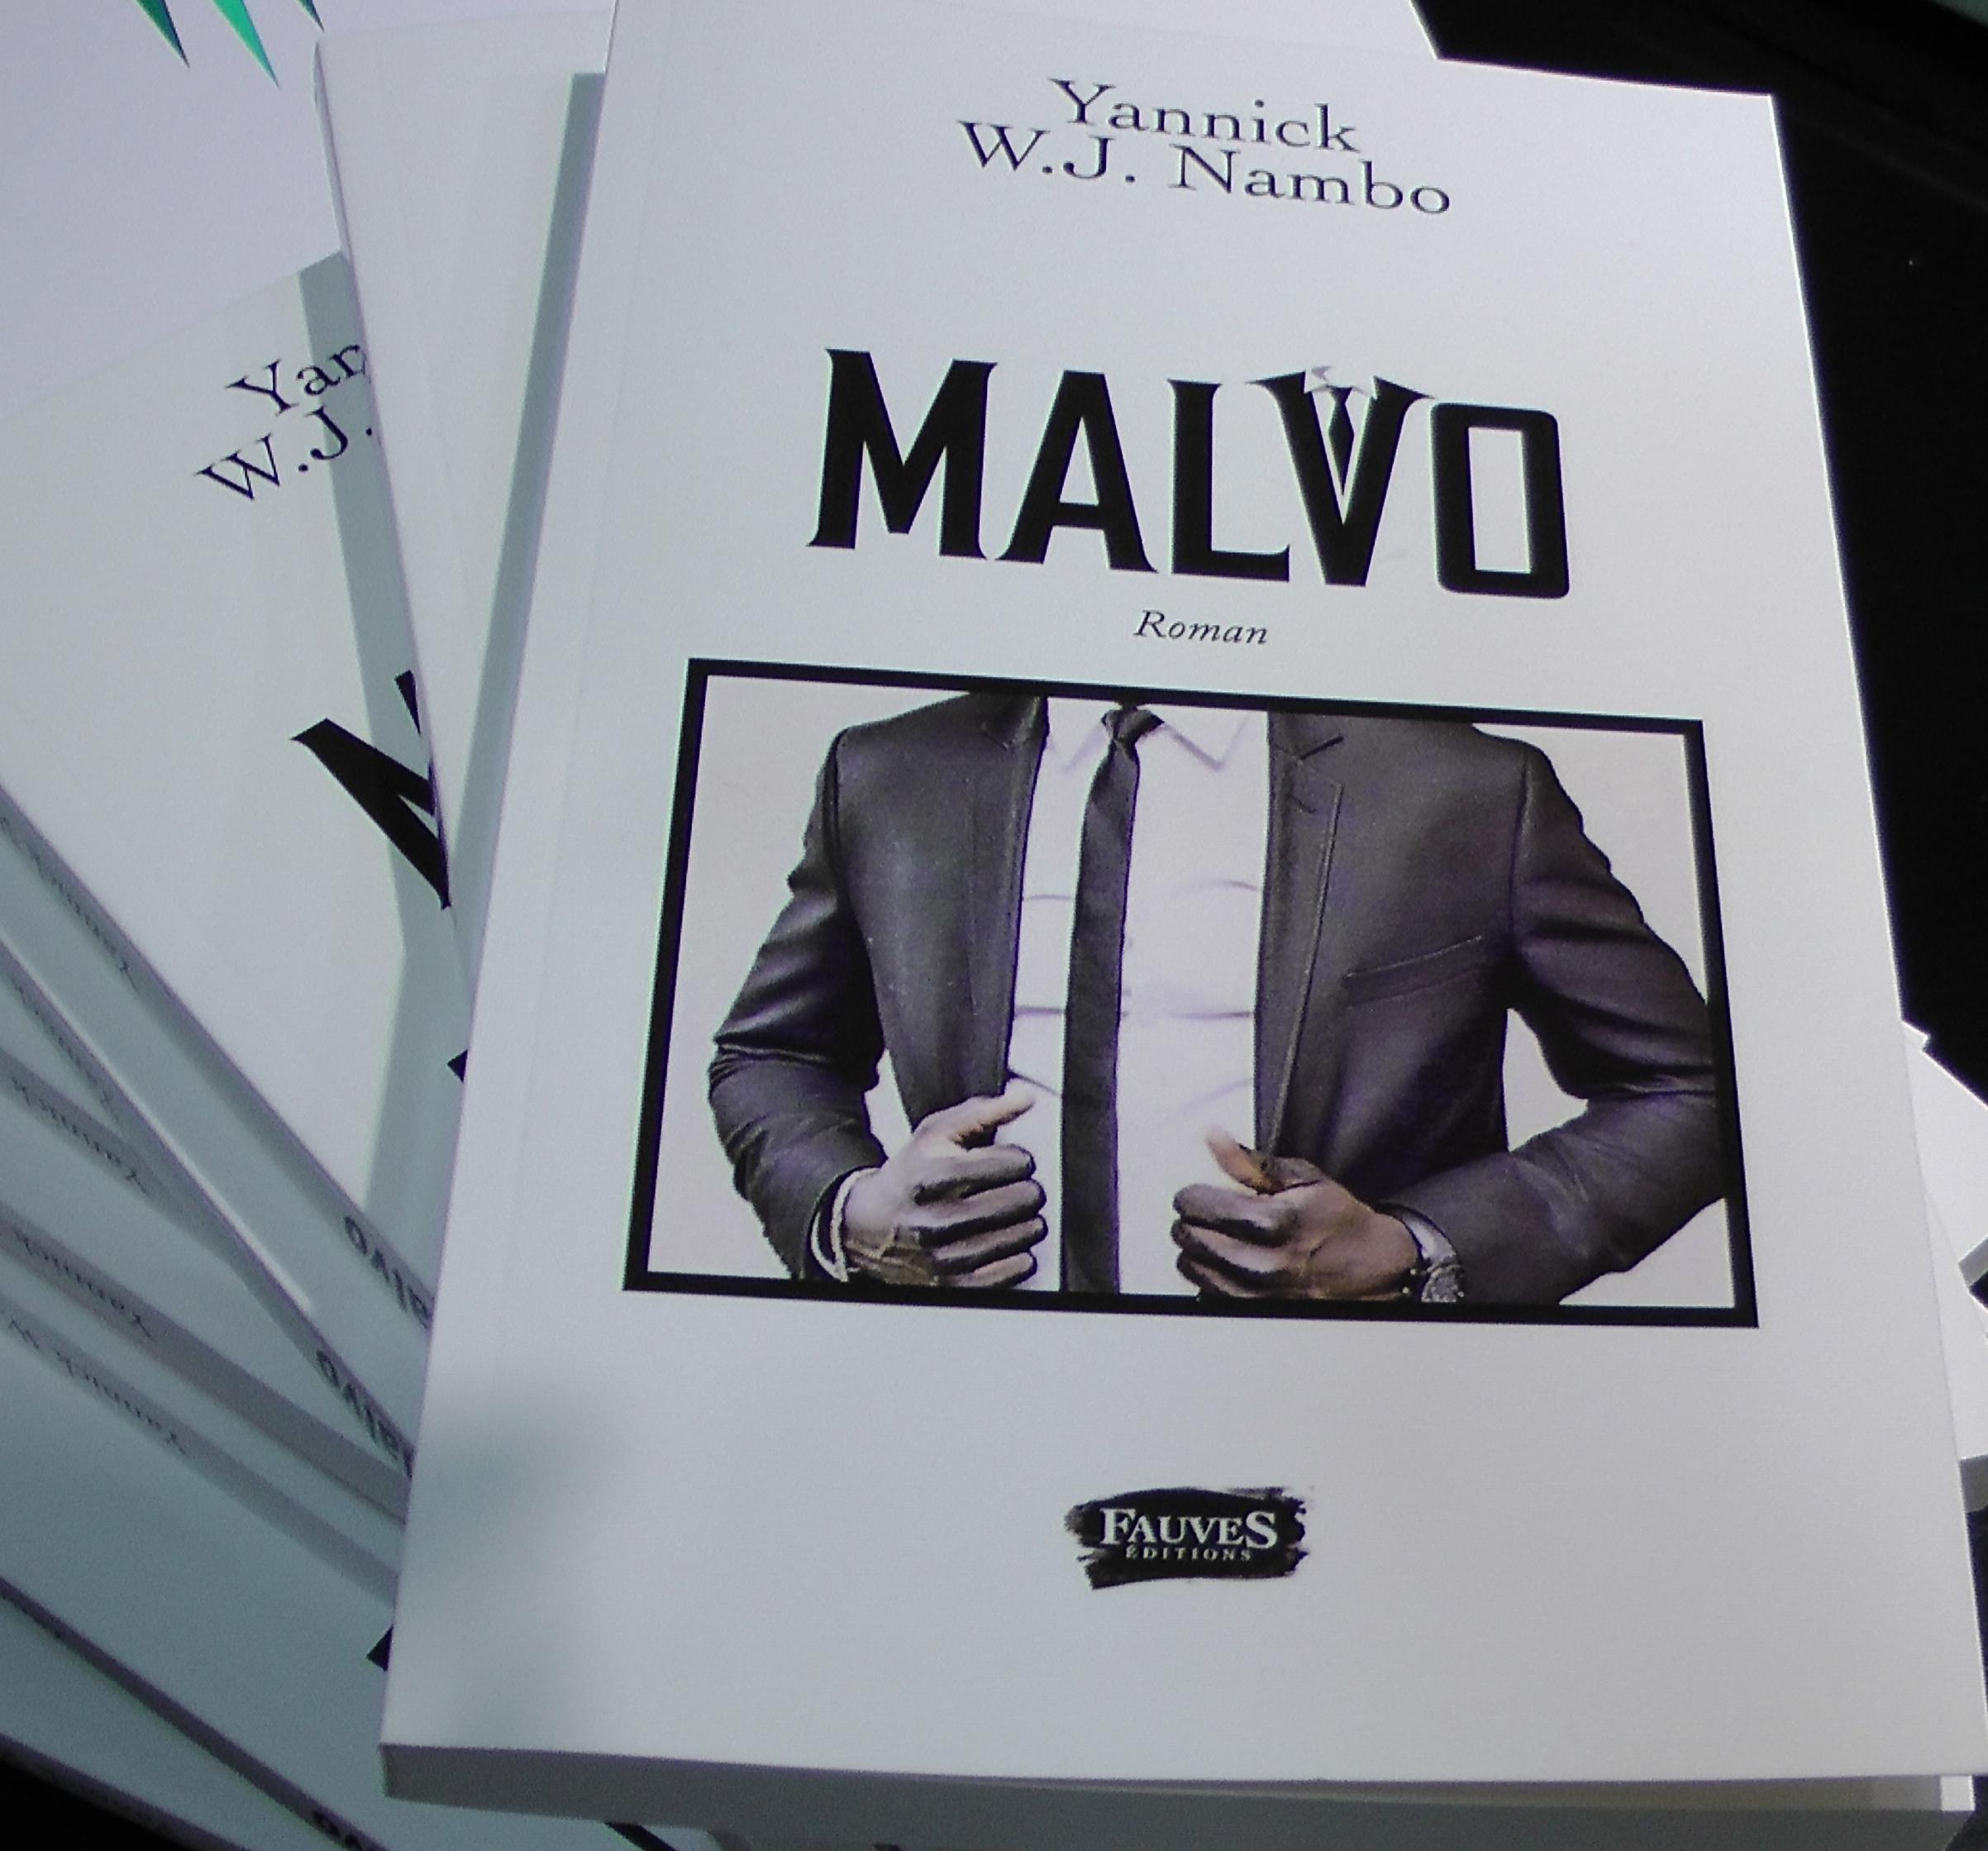 LITTÉRATURE: Yannick W J NAMBO dédicace «MALVO» son 1er Roman à Paris 2/2 (JMTV+)